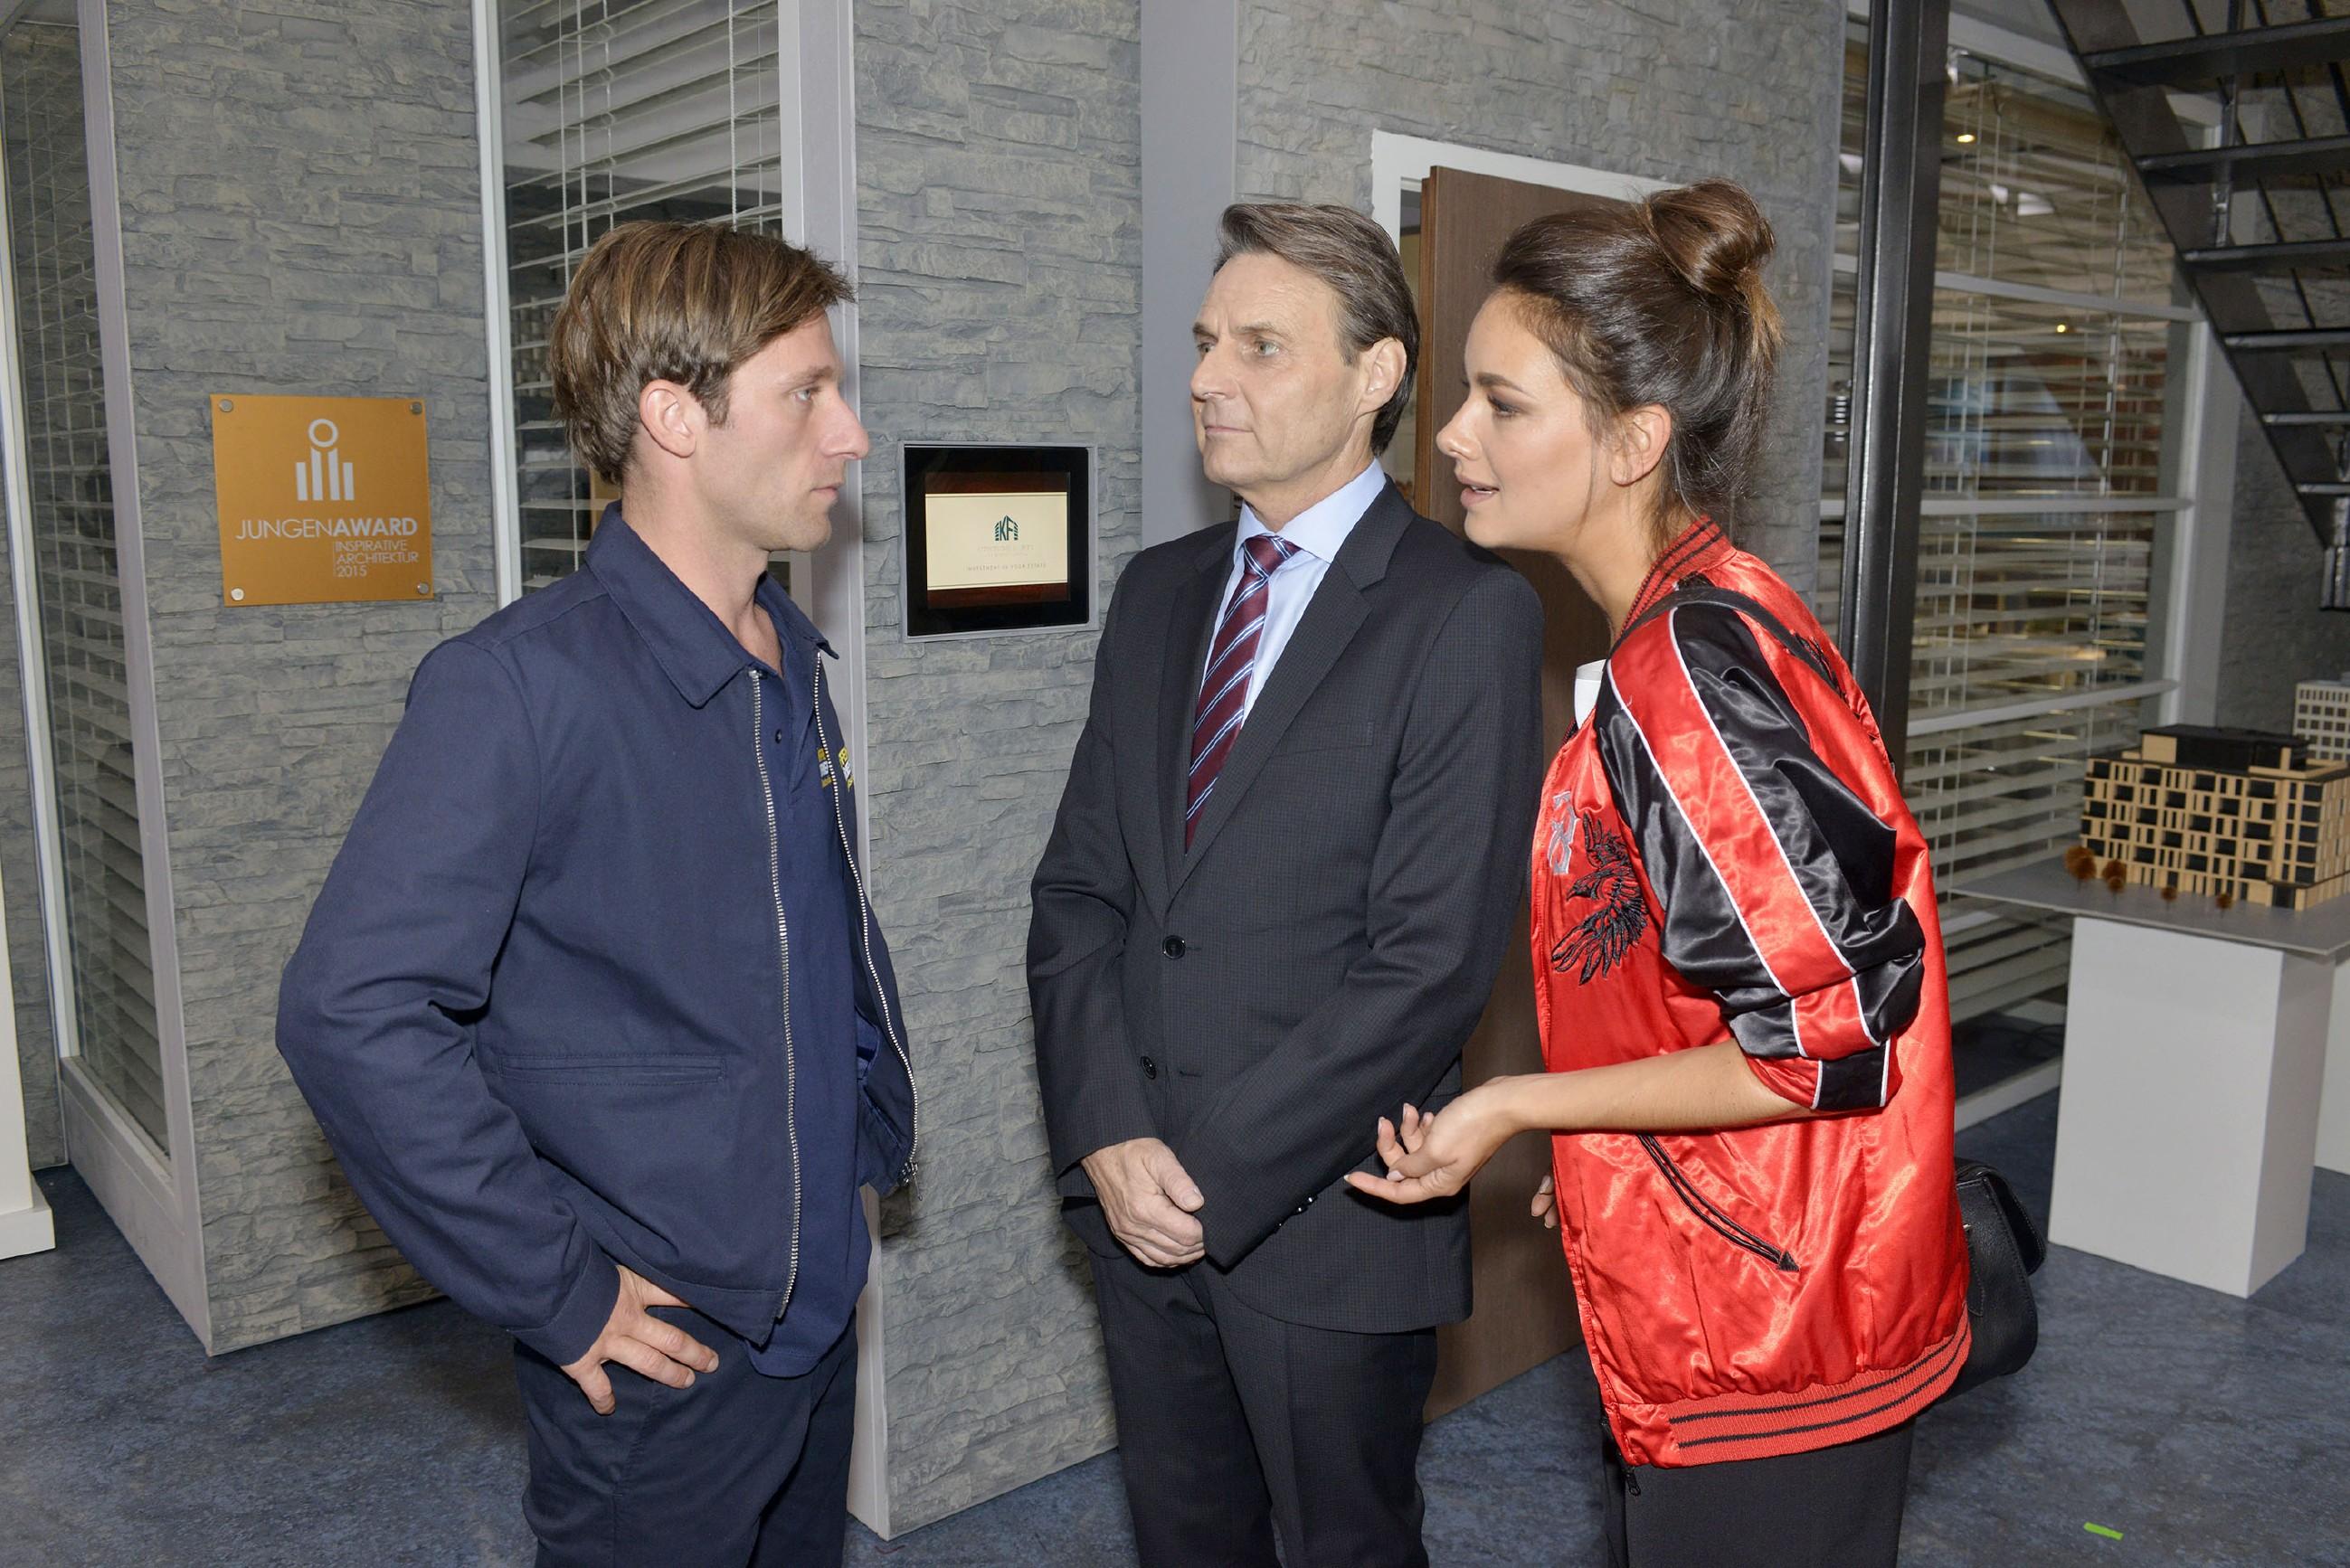 Bommels (Merlin Leonhardt, l.) Bemühungen um eine Aussprache finden bei Gerner (Wolfgang Bahro) und Jasmin (Janina Uhse) kein Gehör. (Quelle: RTL / Rolf Baumgartner)